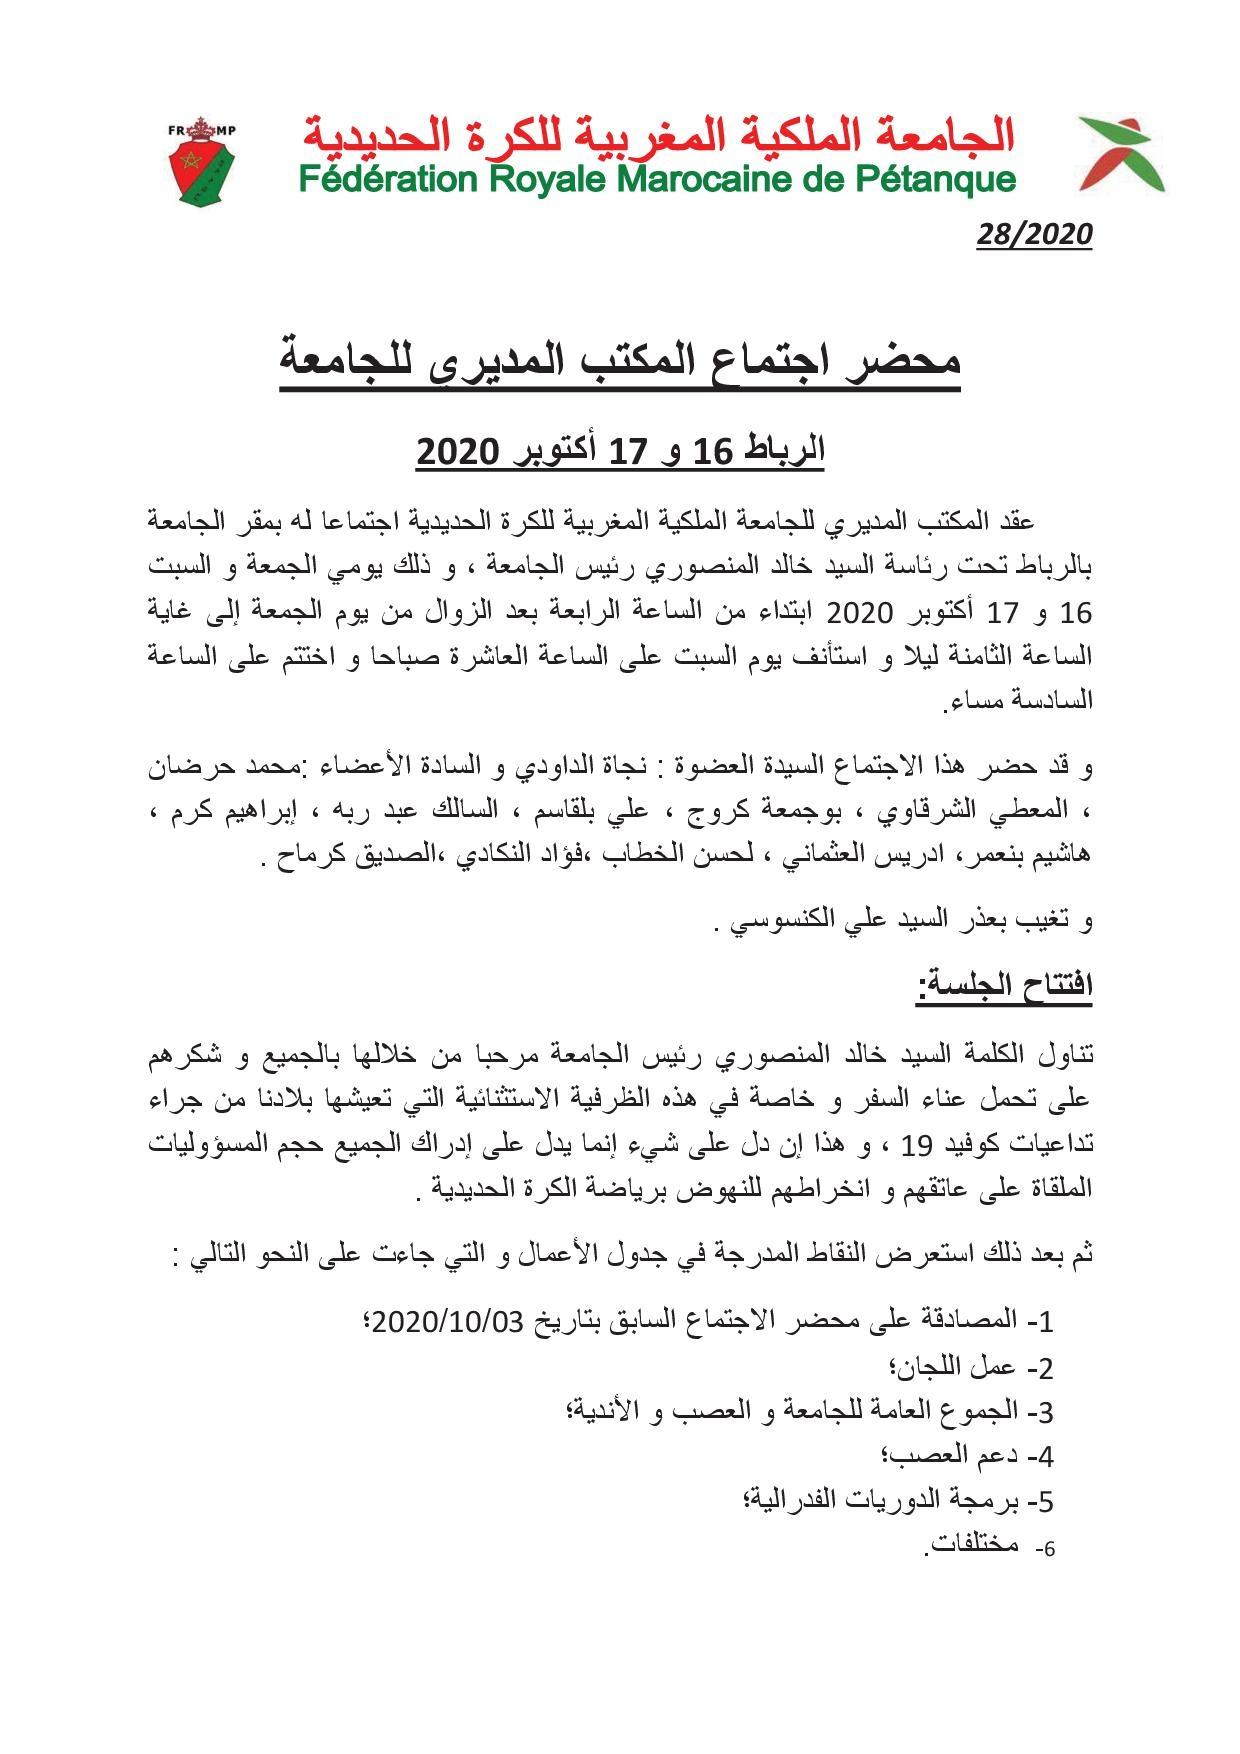 IFRMP PV N° 4 du 16 et 17/10/2020